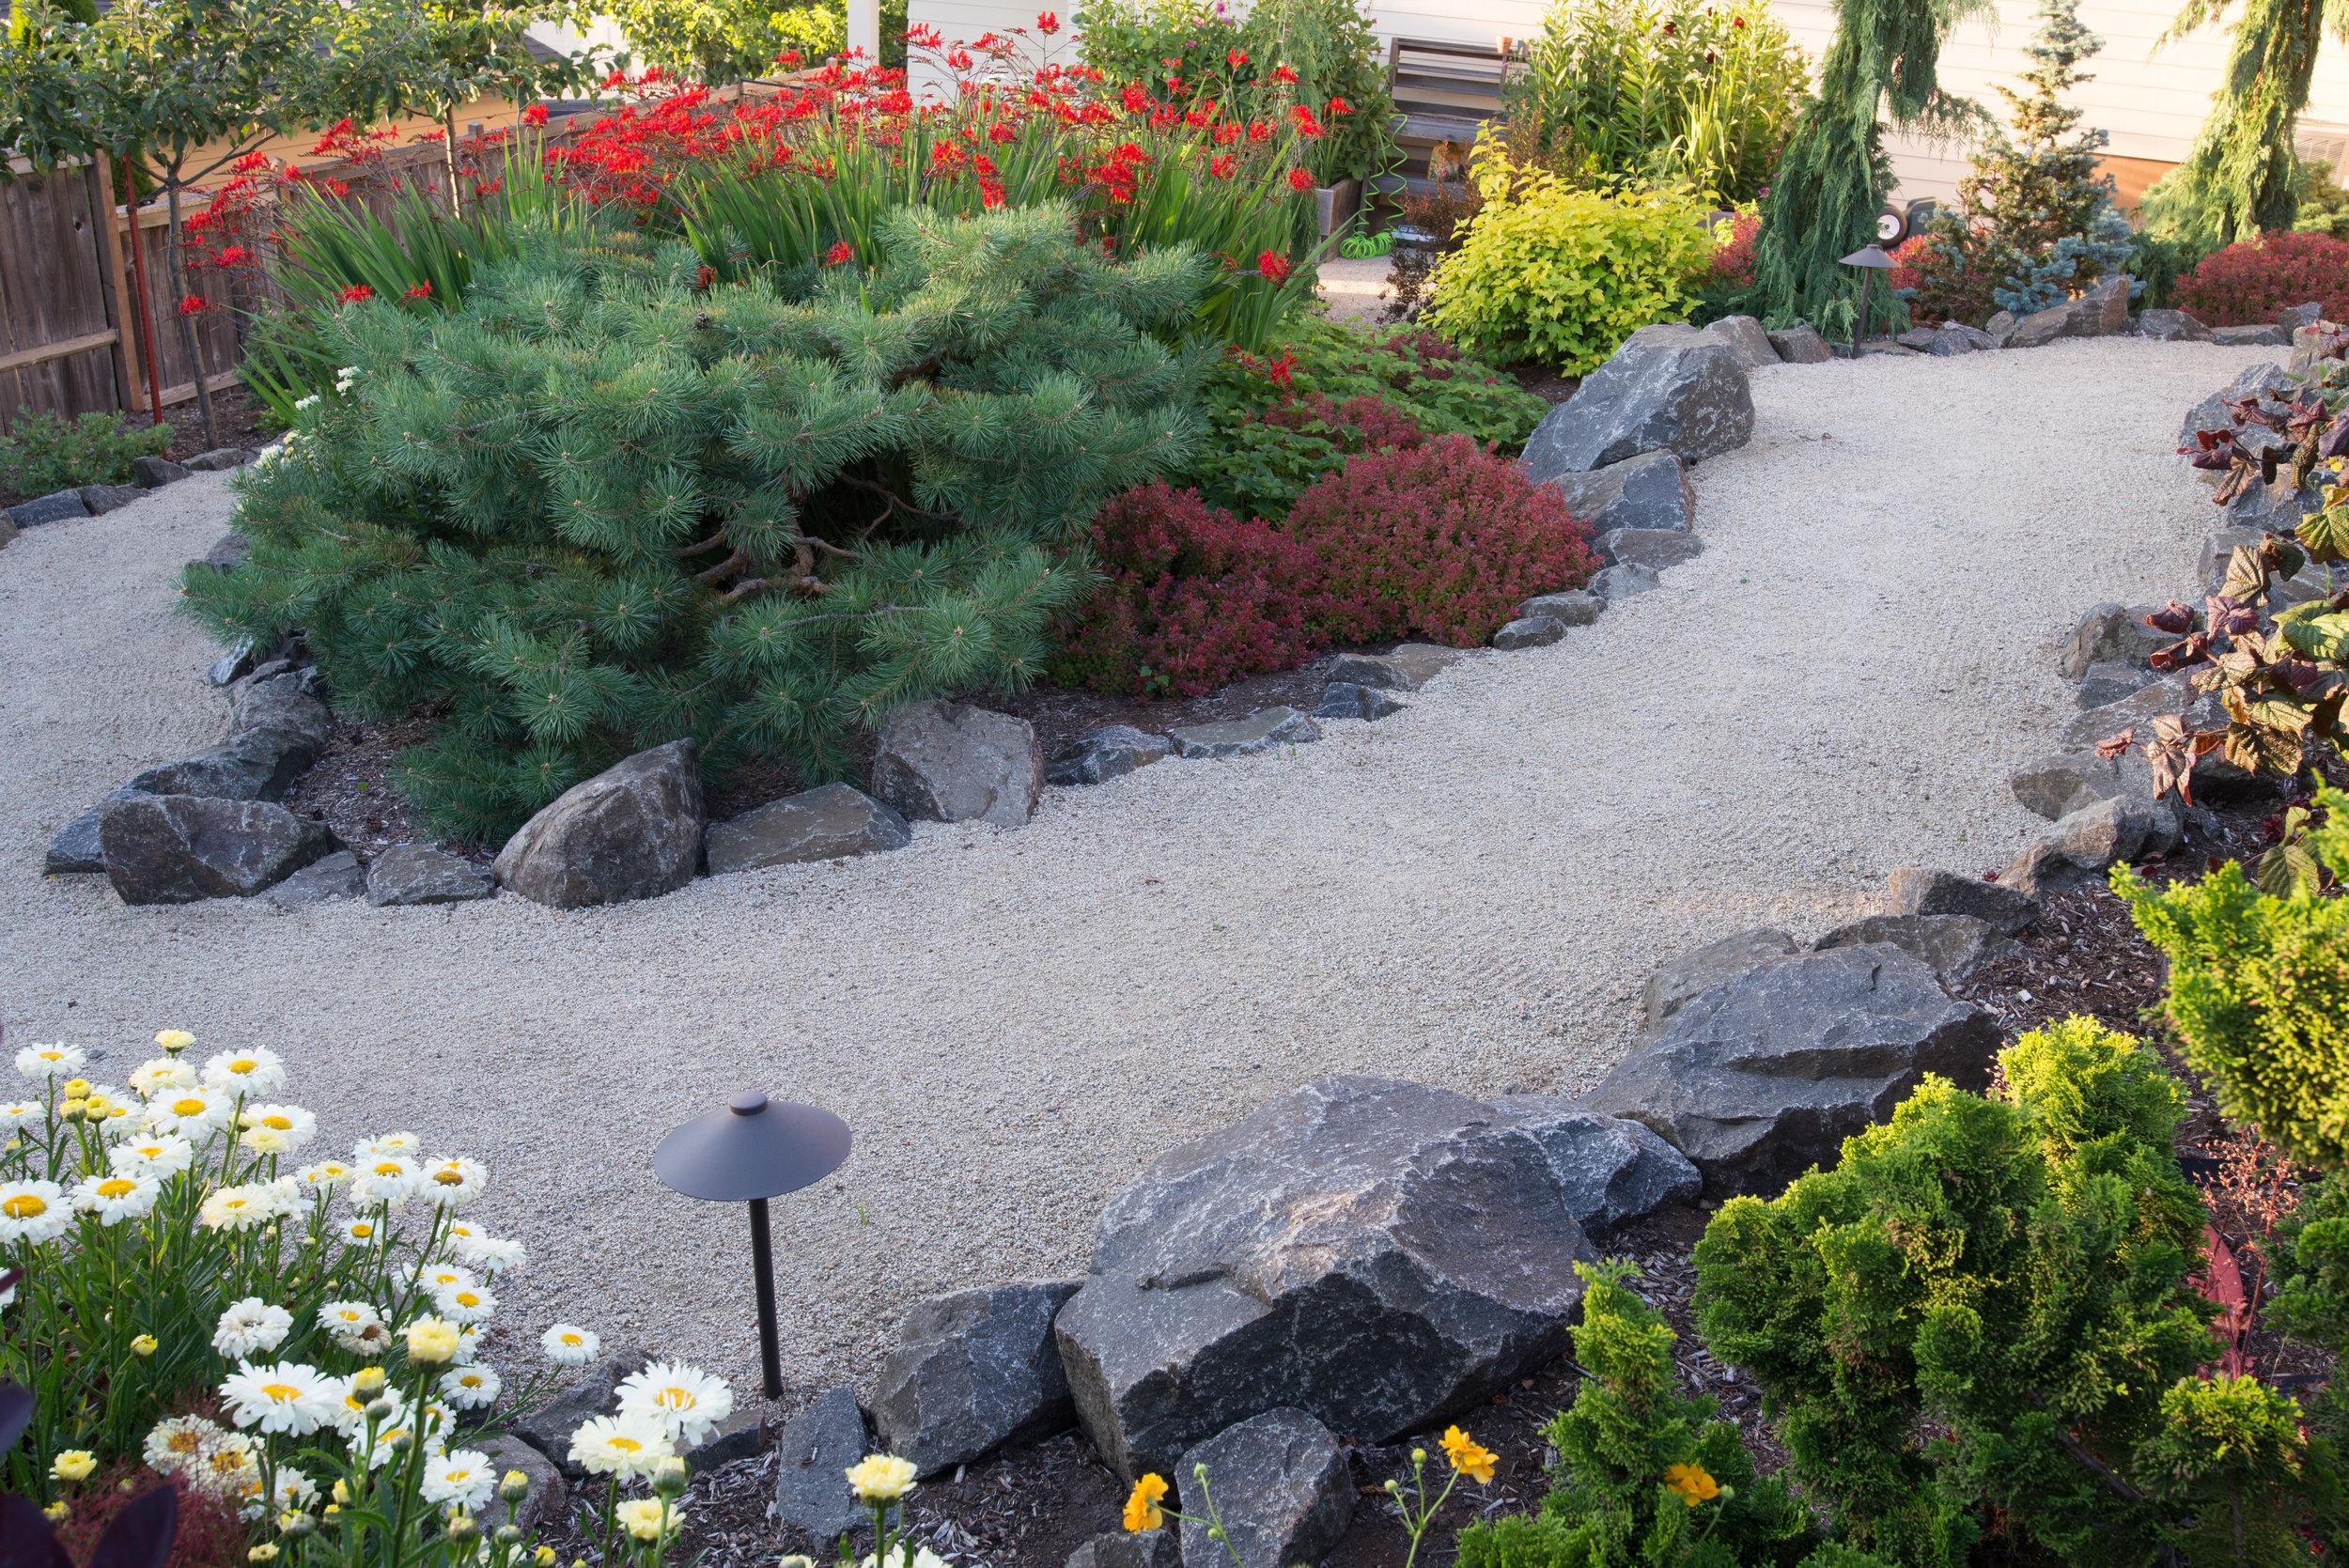 Sept Garden 19.jpg